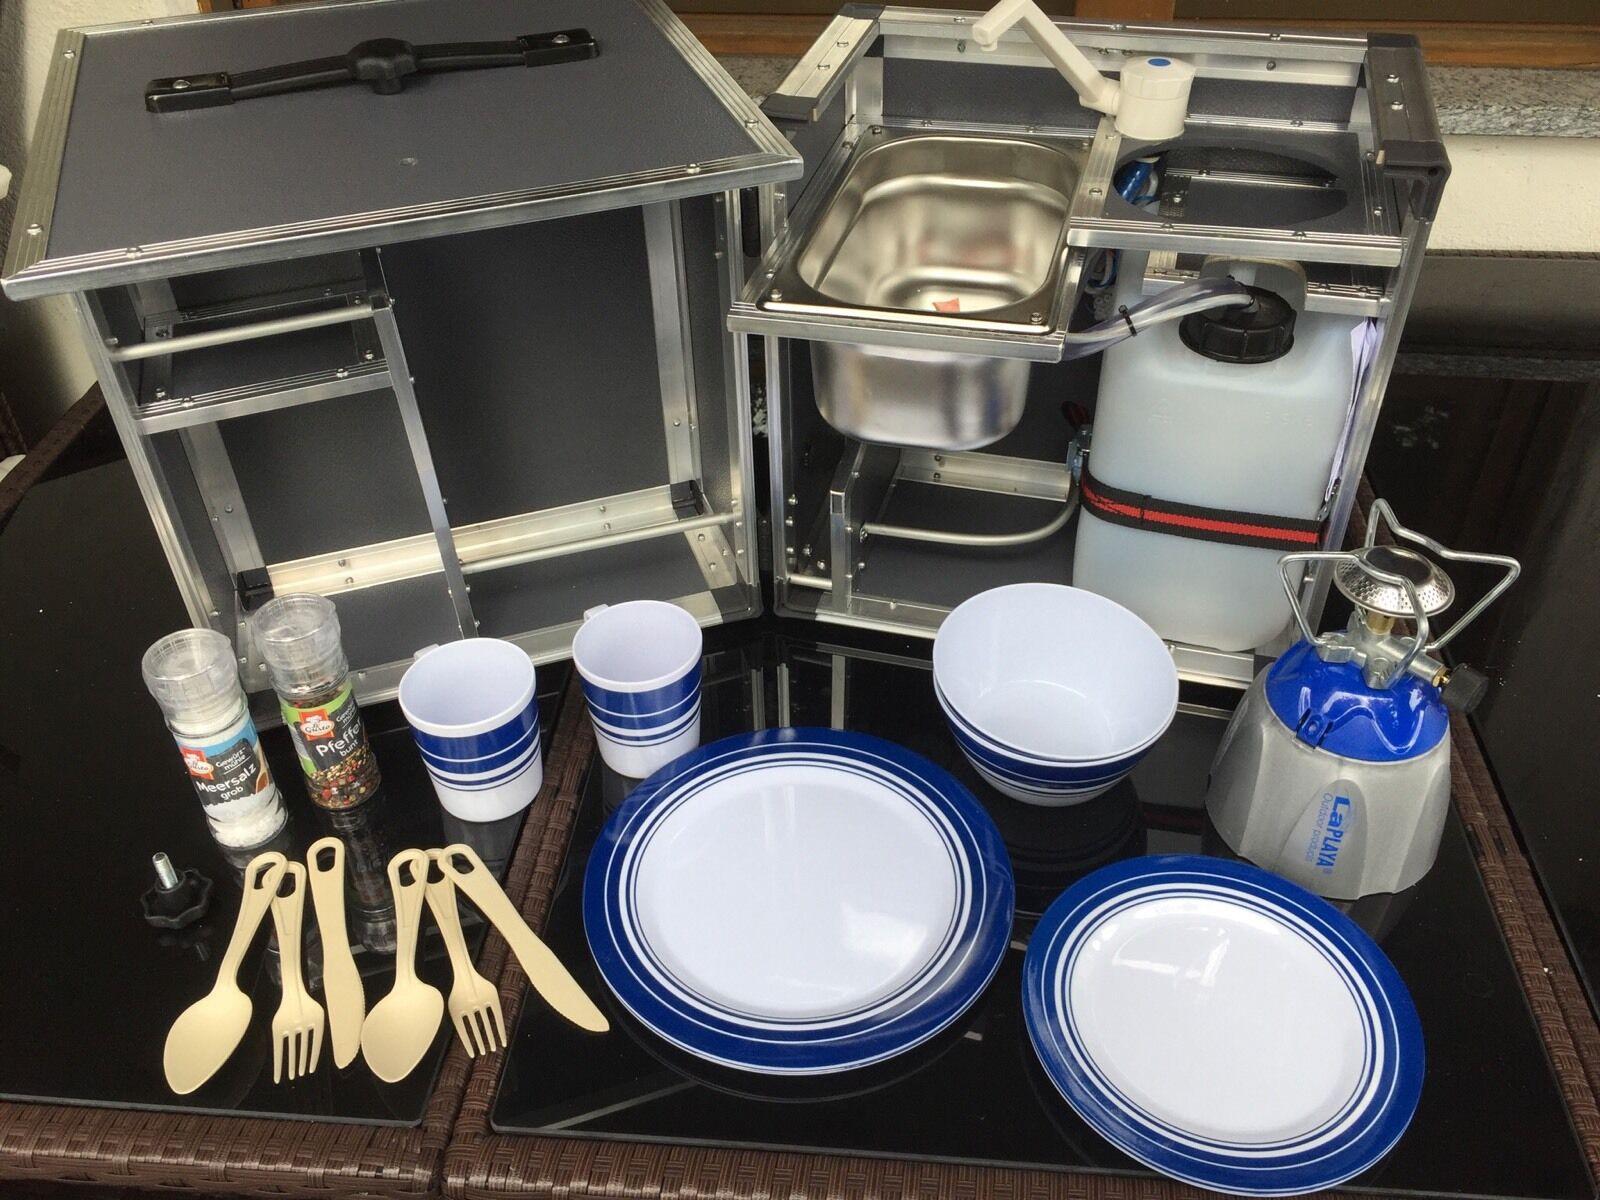 Z-Qube Zelt-Campingküche, Miniküche mit viel Zubehör, NEU von campingmoebel.4x4